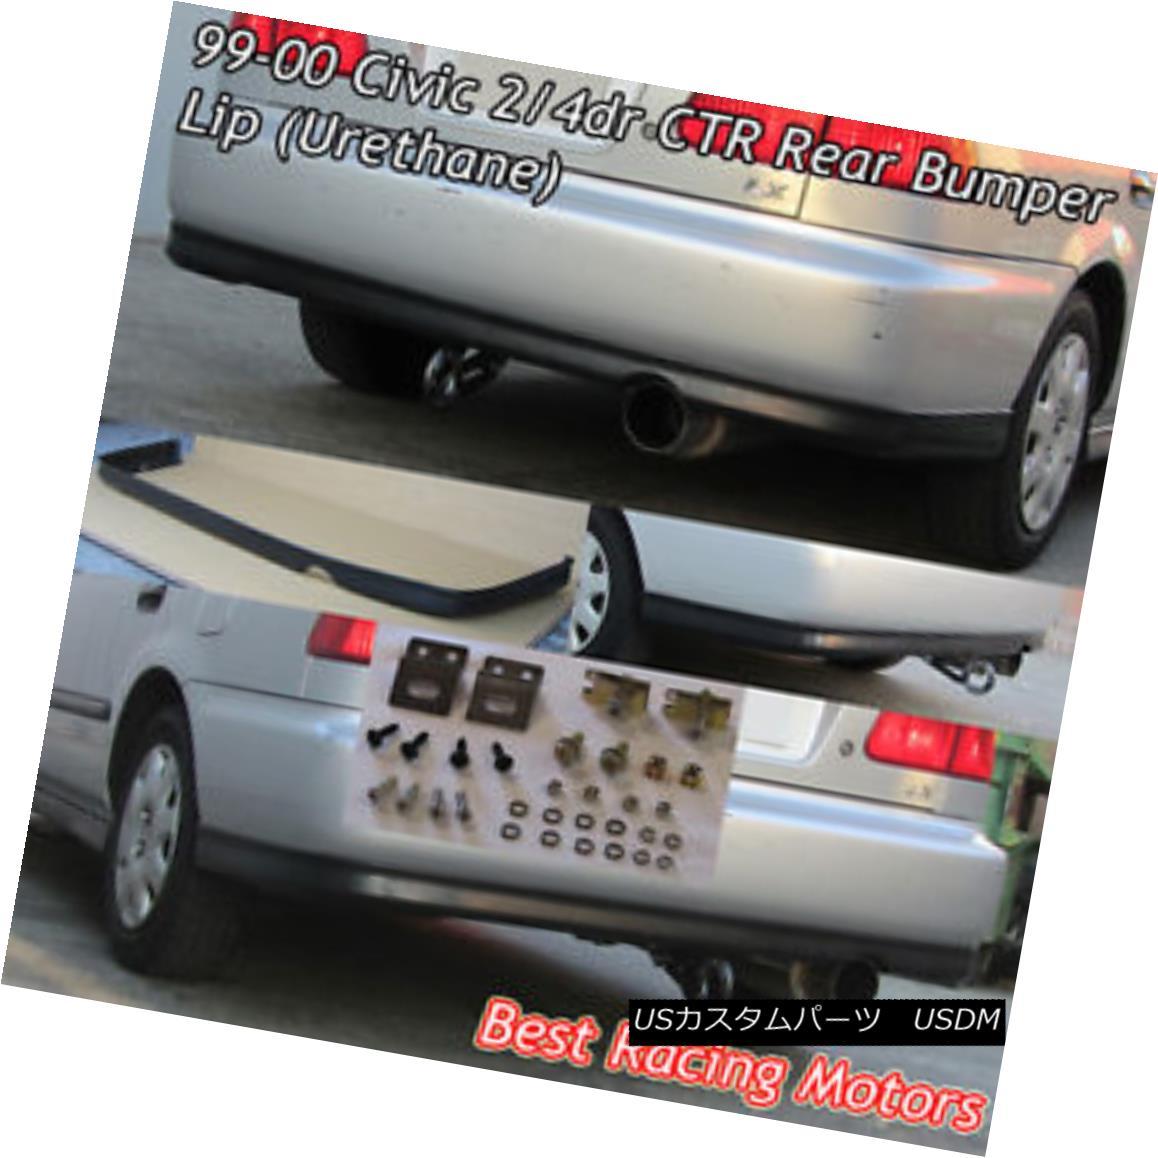 エアロパーツ CTR Style Rear Bumper Lip (Urethane) Fits 99-00 Honda Civic 2dr CTRスタイルリアバンパーリップ(ウレタン)99-00 Honda Civic 2dr